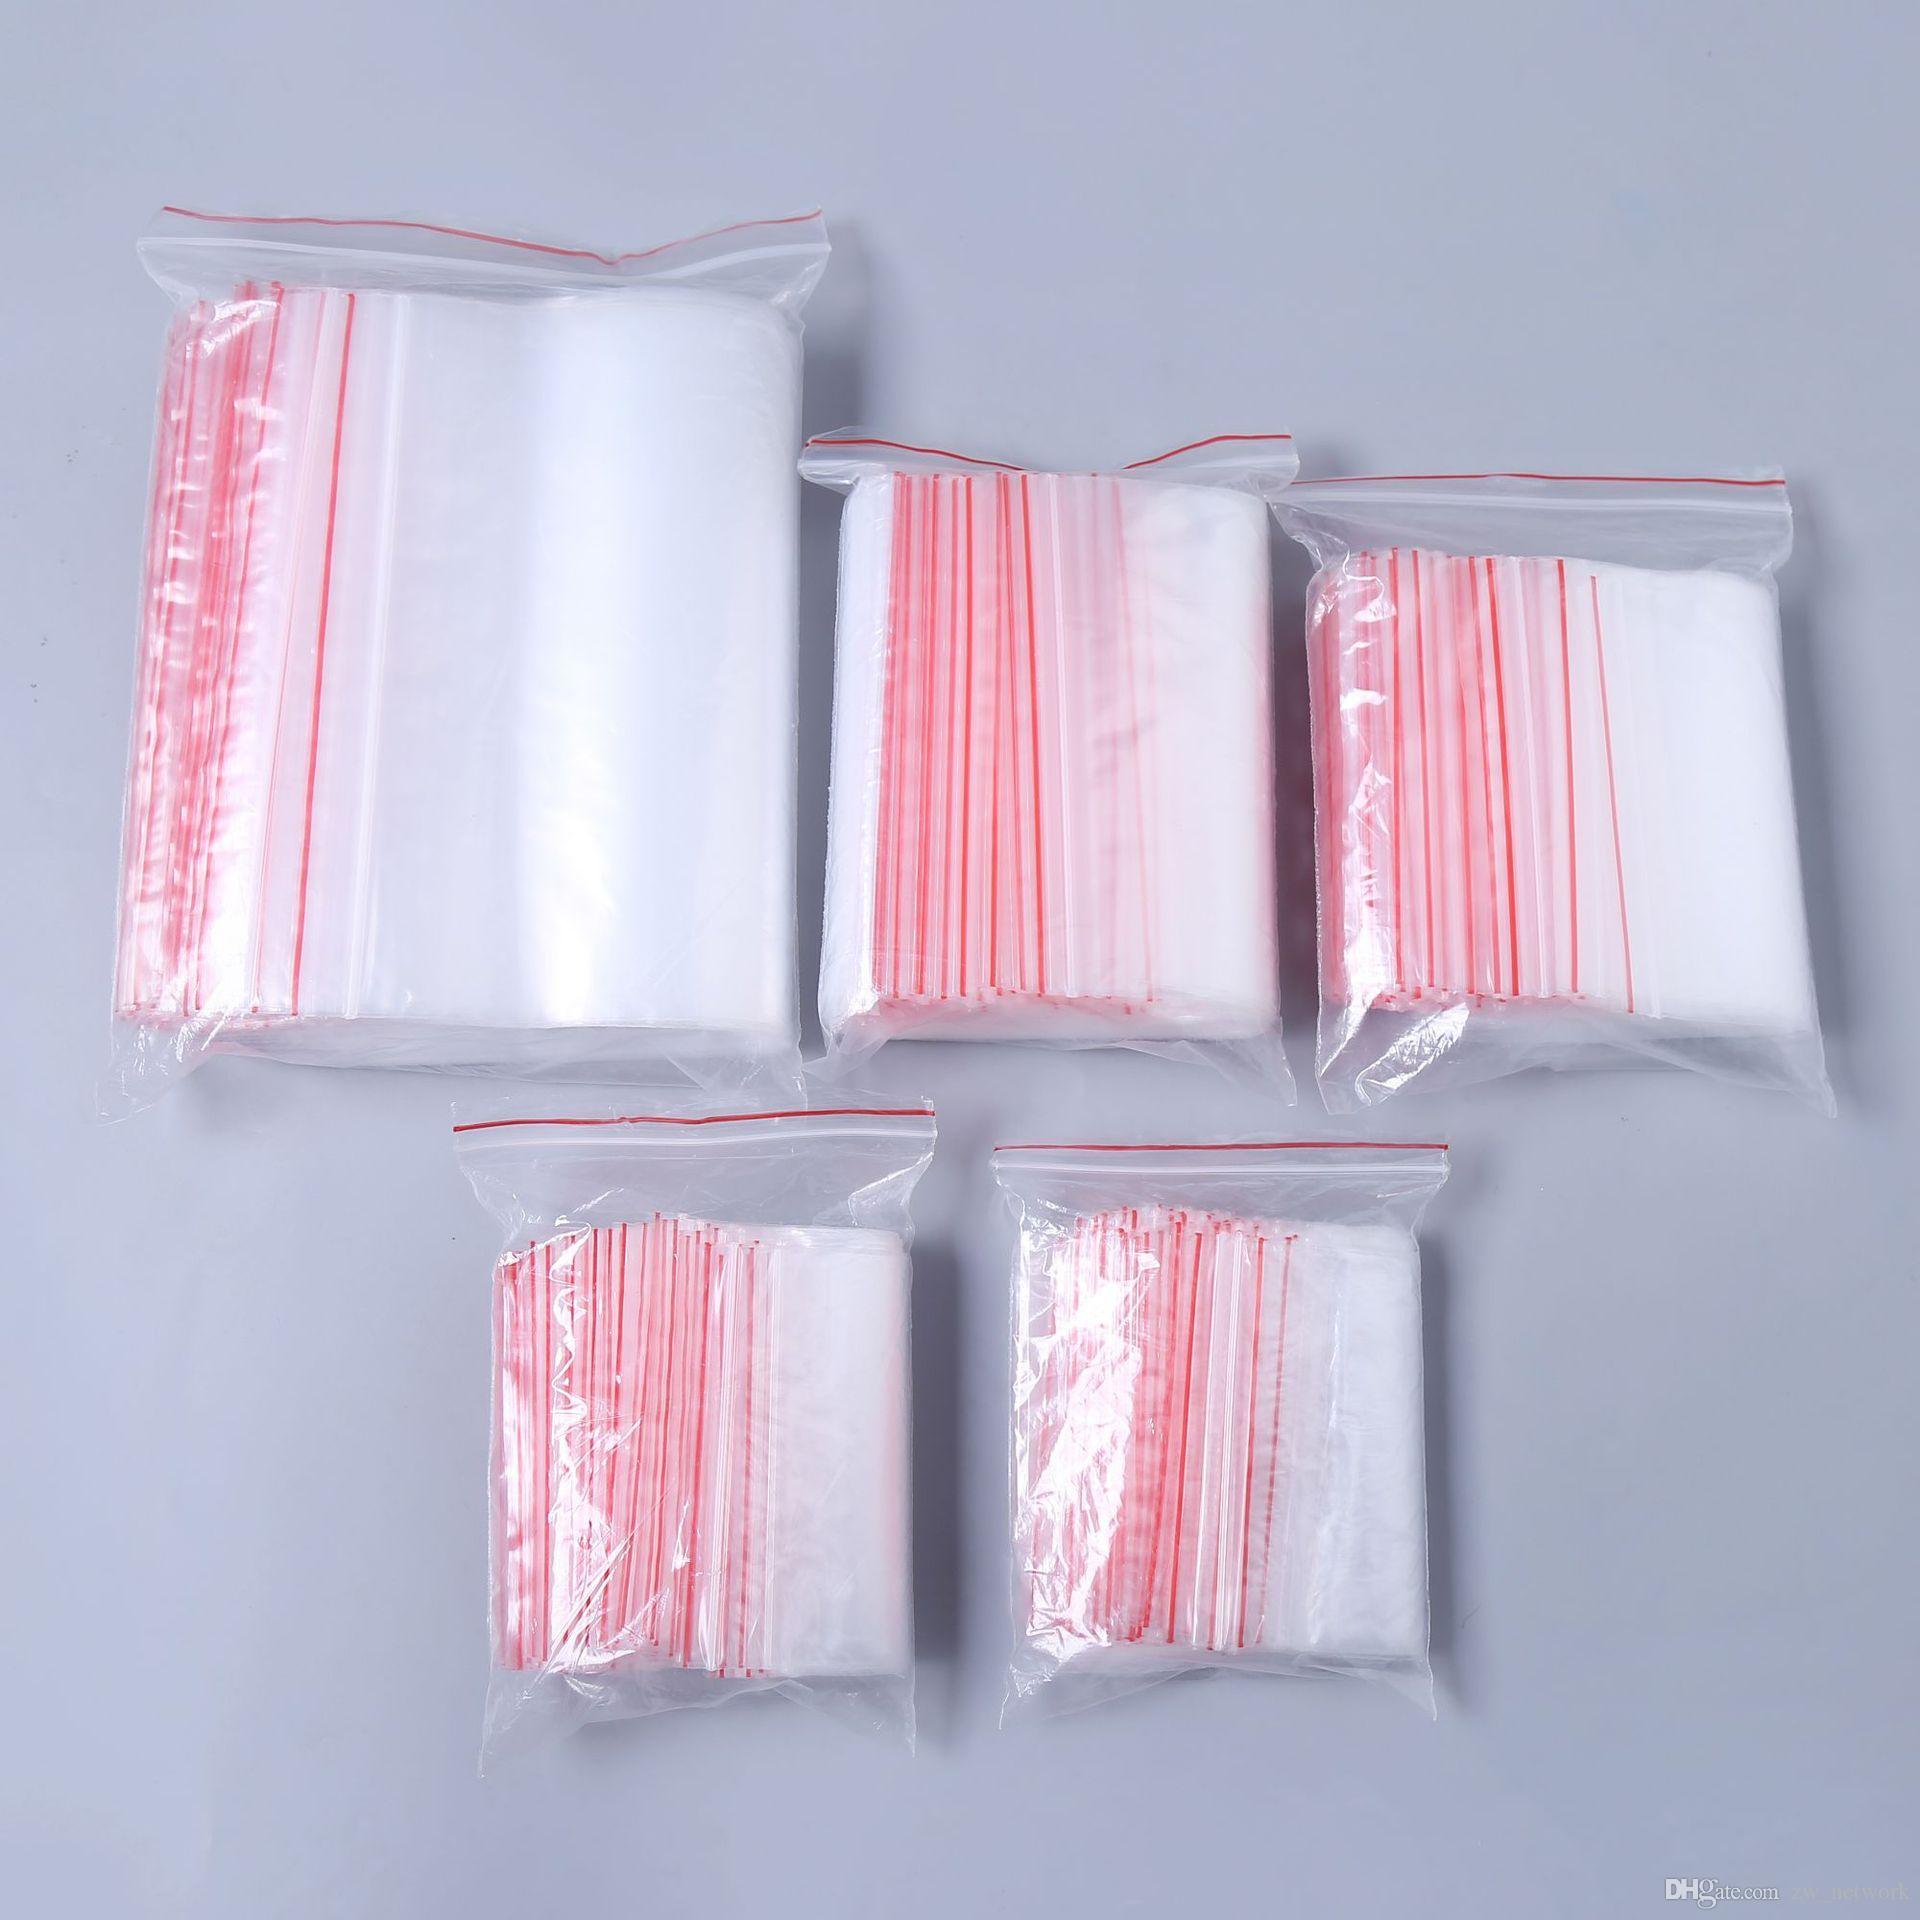 100 unidades / lotes sacos de embalagem clara Zipper Auto Saco De Plástico de Vedação de Varejo Pacote de Embalagem Saco Poli Ziplock Zip Lock Saco De Armazenamento Pacote Pendurar buraco